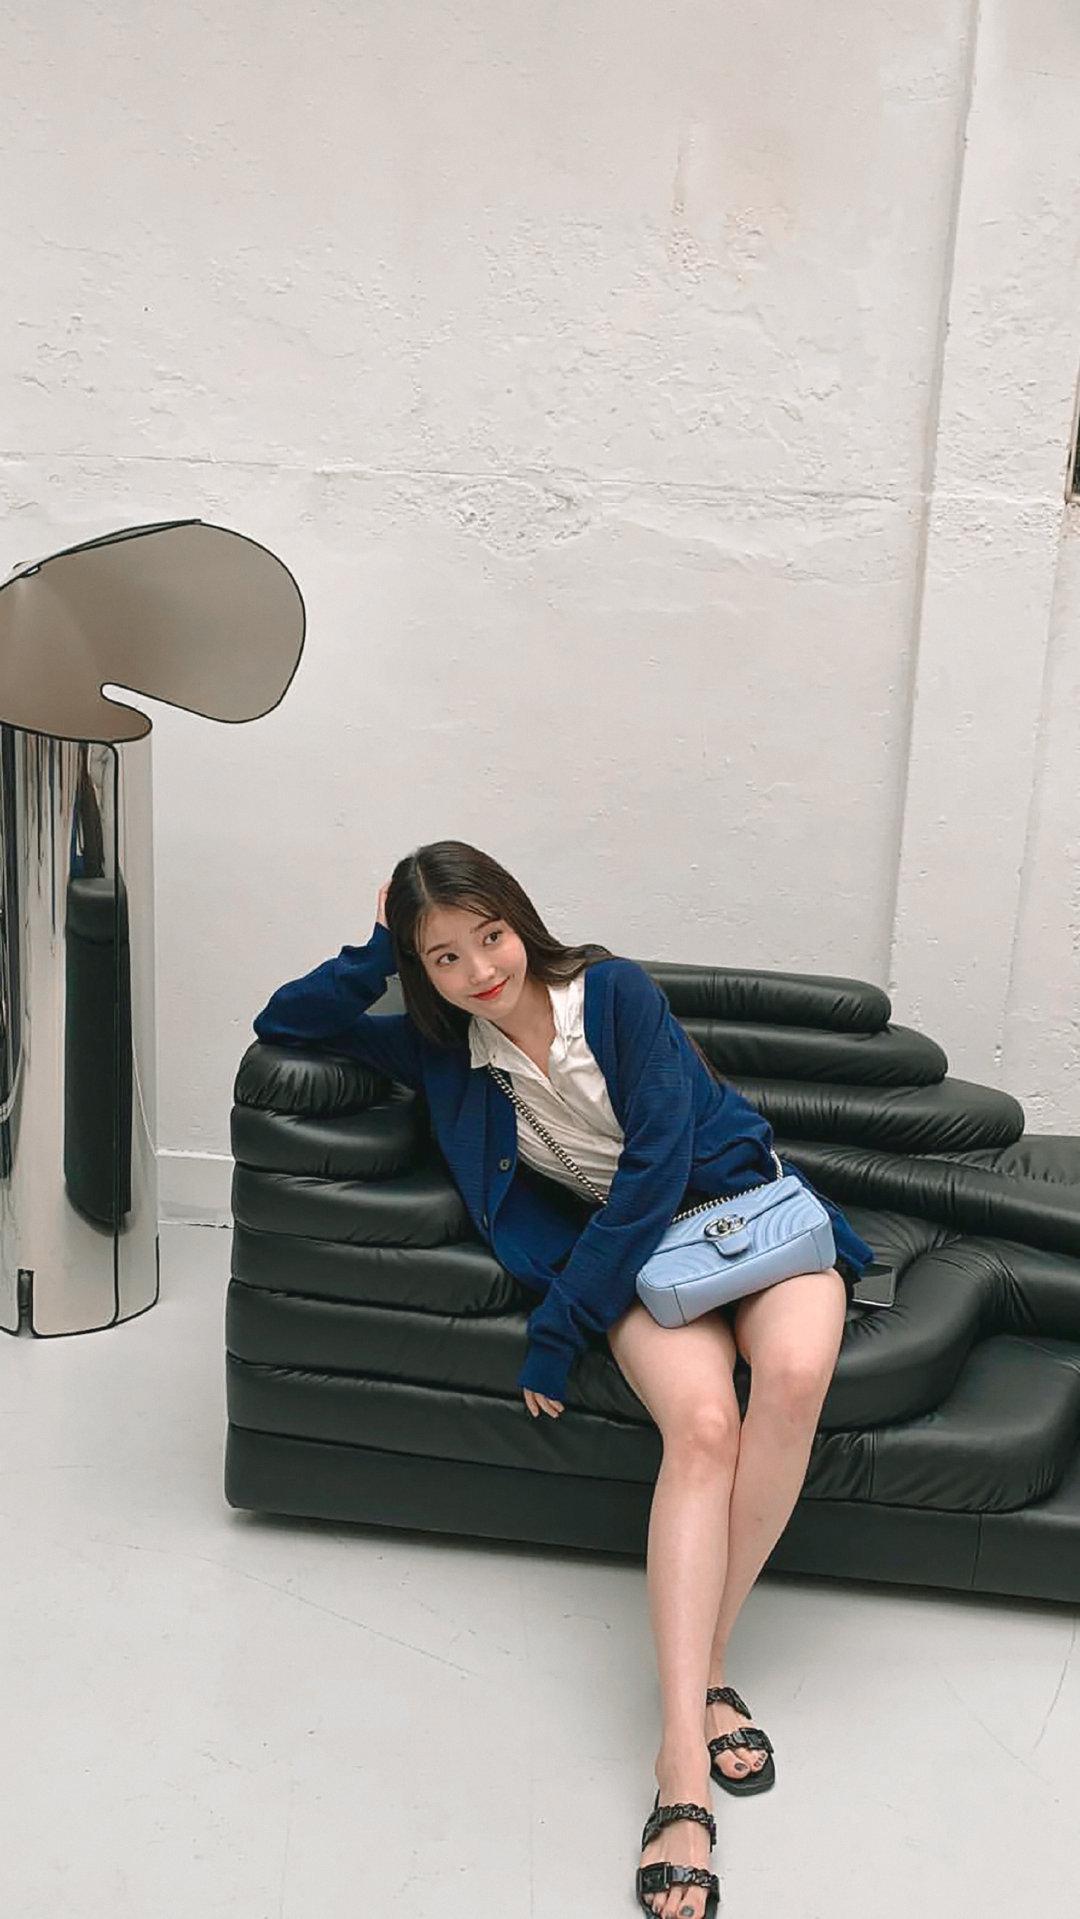 IU李智恩  漂亮的小姐姐谁不爱呢?